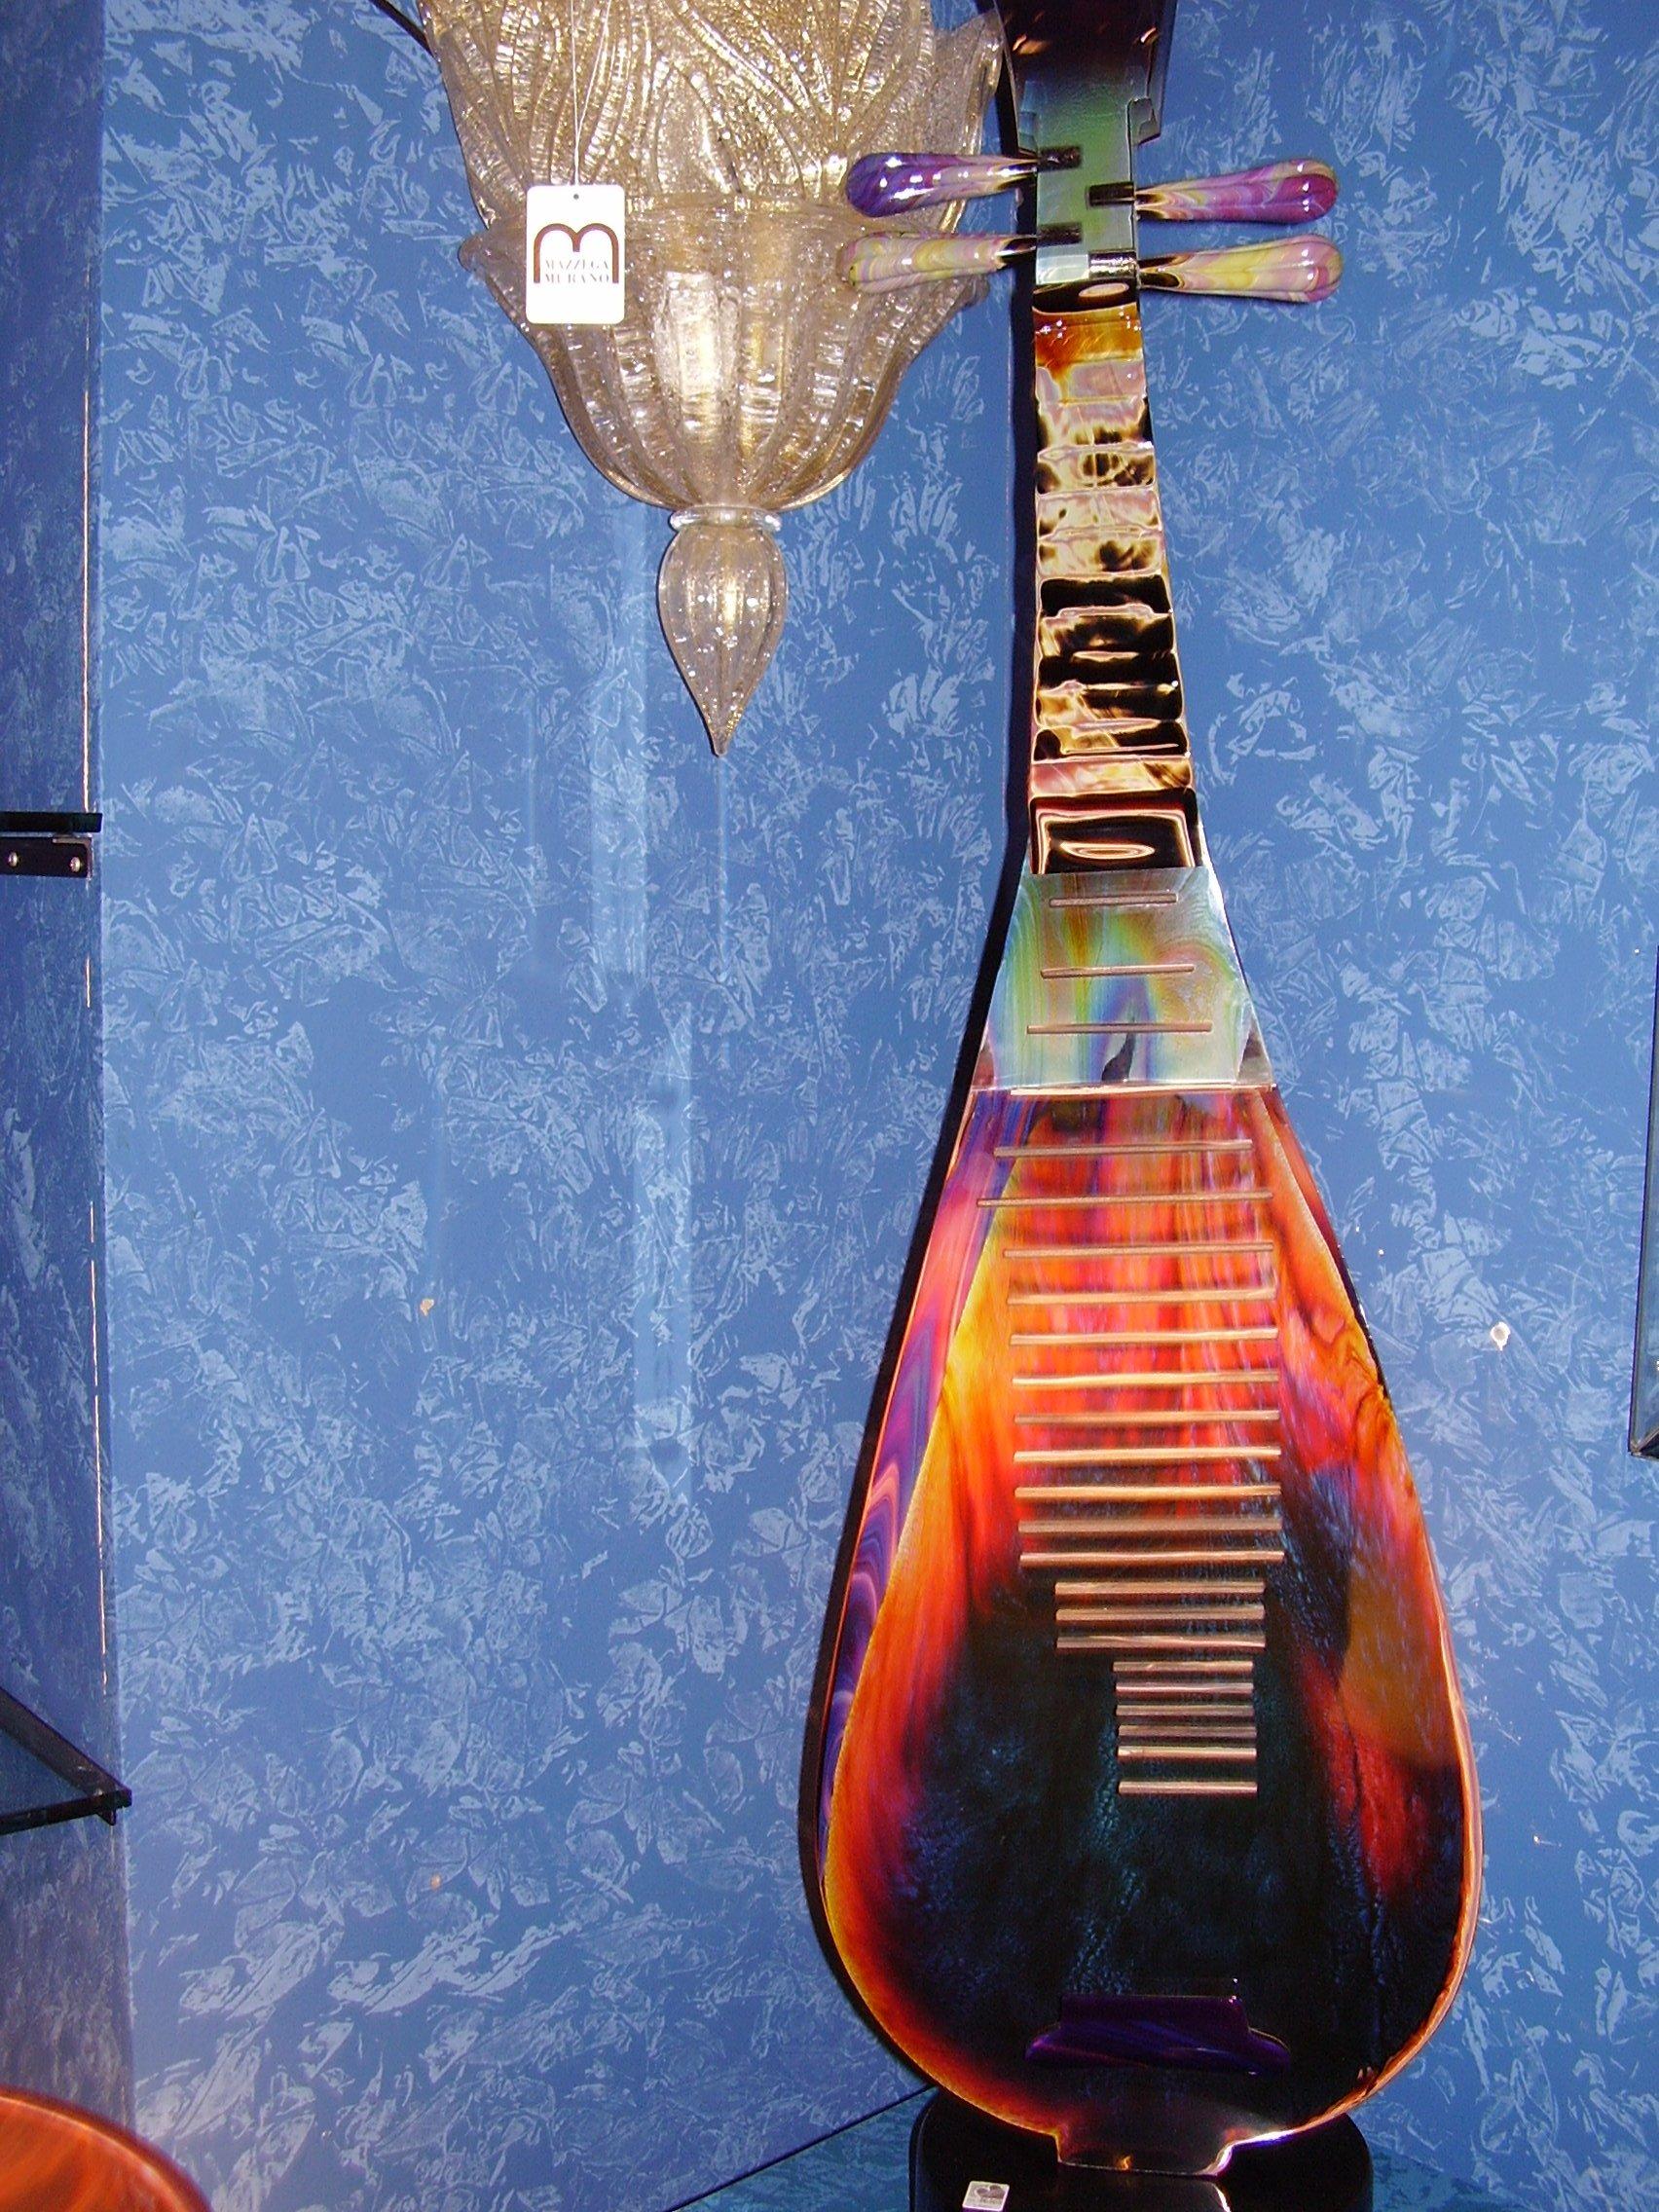 Glass music instrument - Murano - Italy